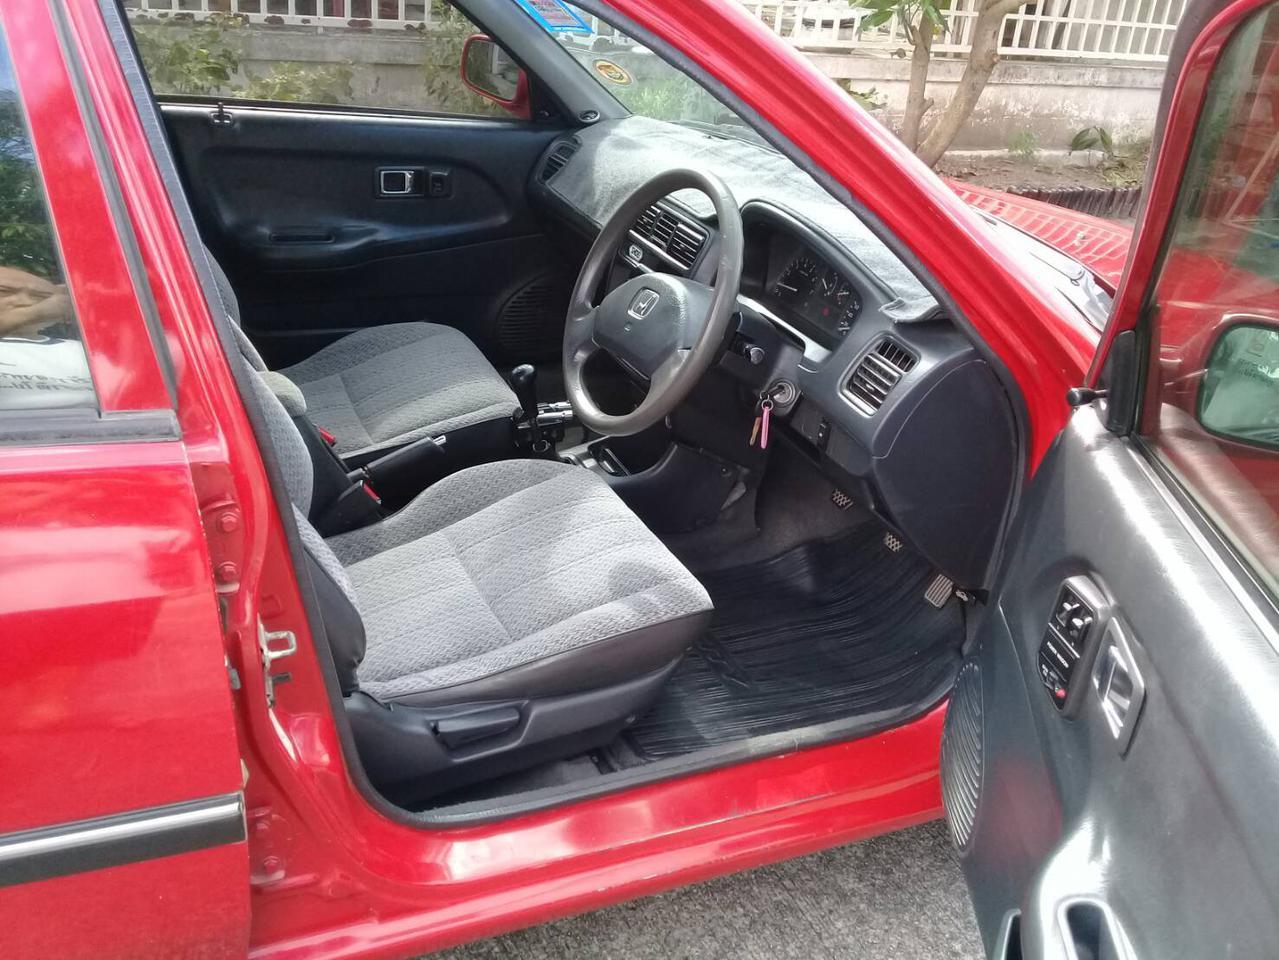 ขายรถเก๋ง Honda CITY เขตคลองสามวา กรุงเทพ ฯ รูปที่ 3